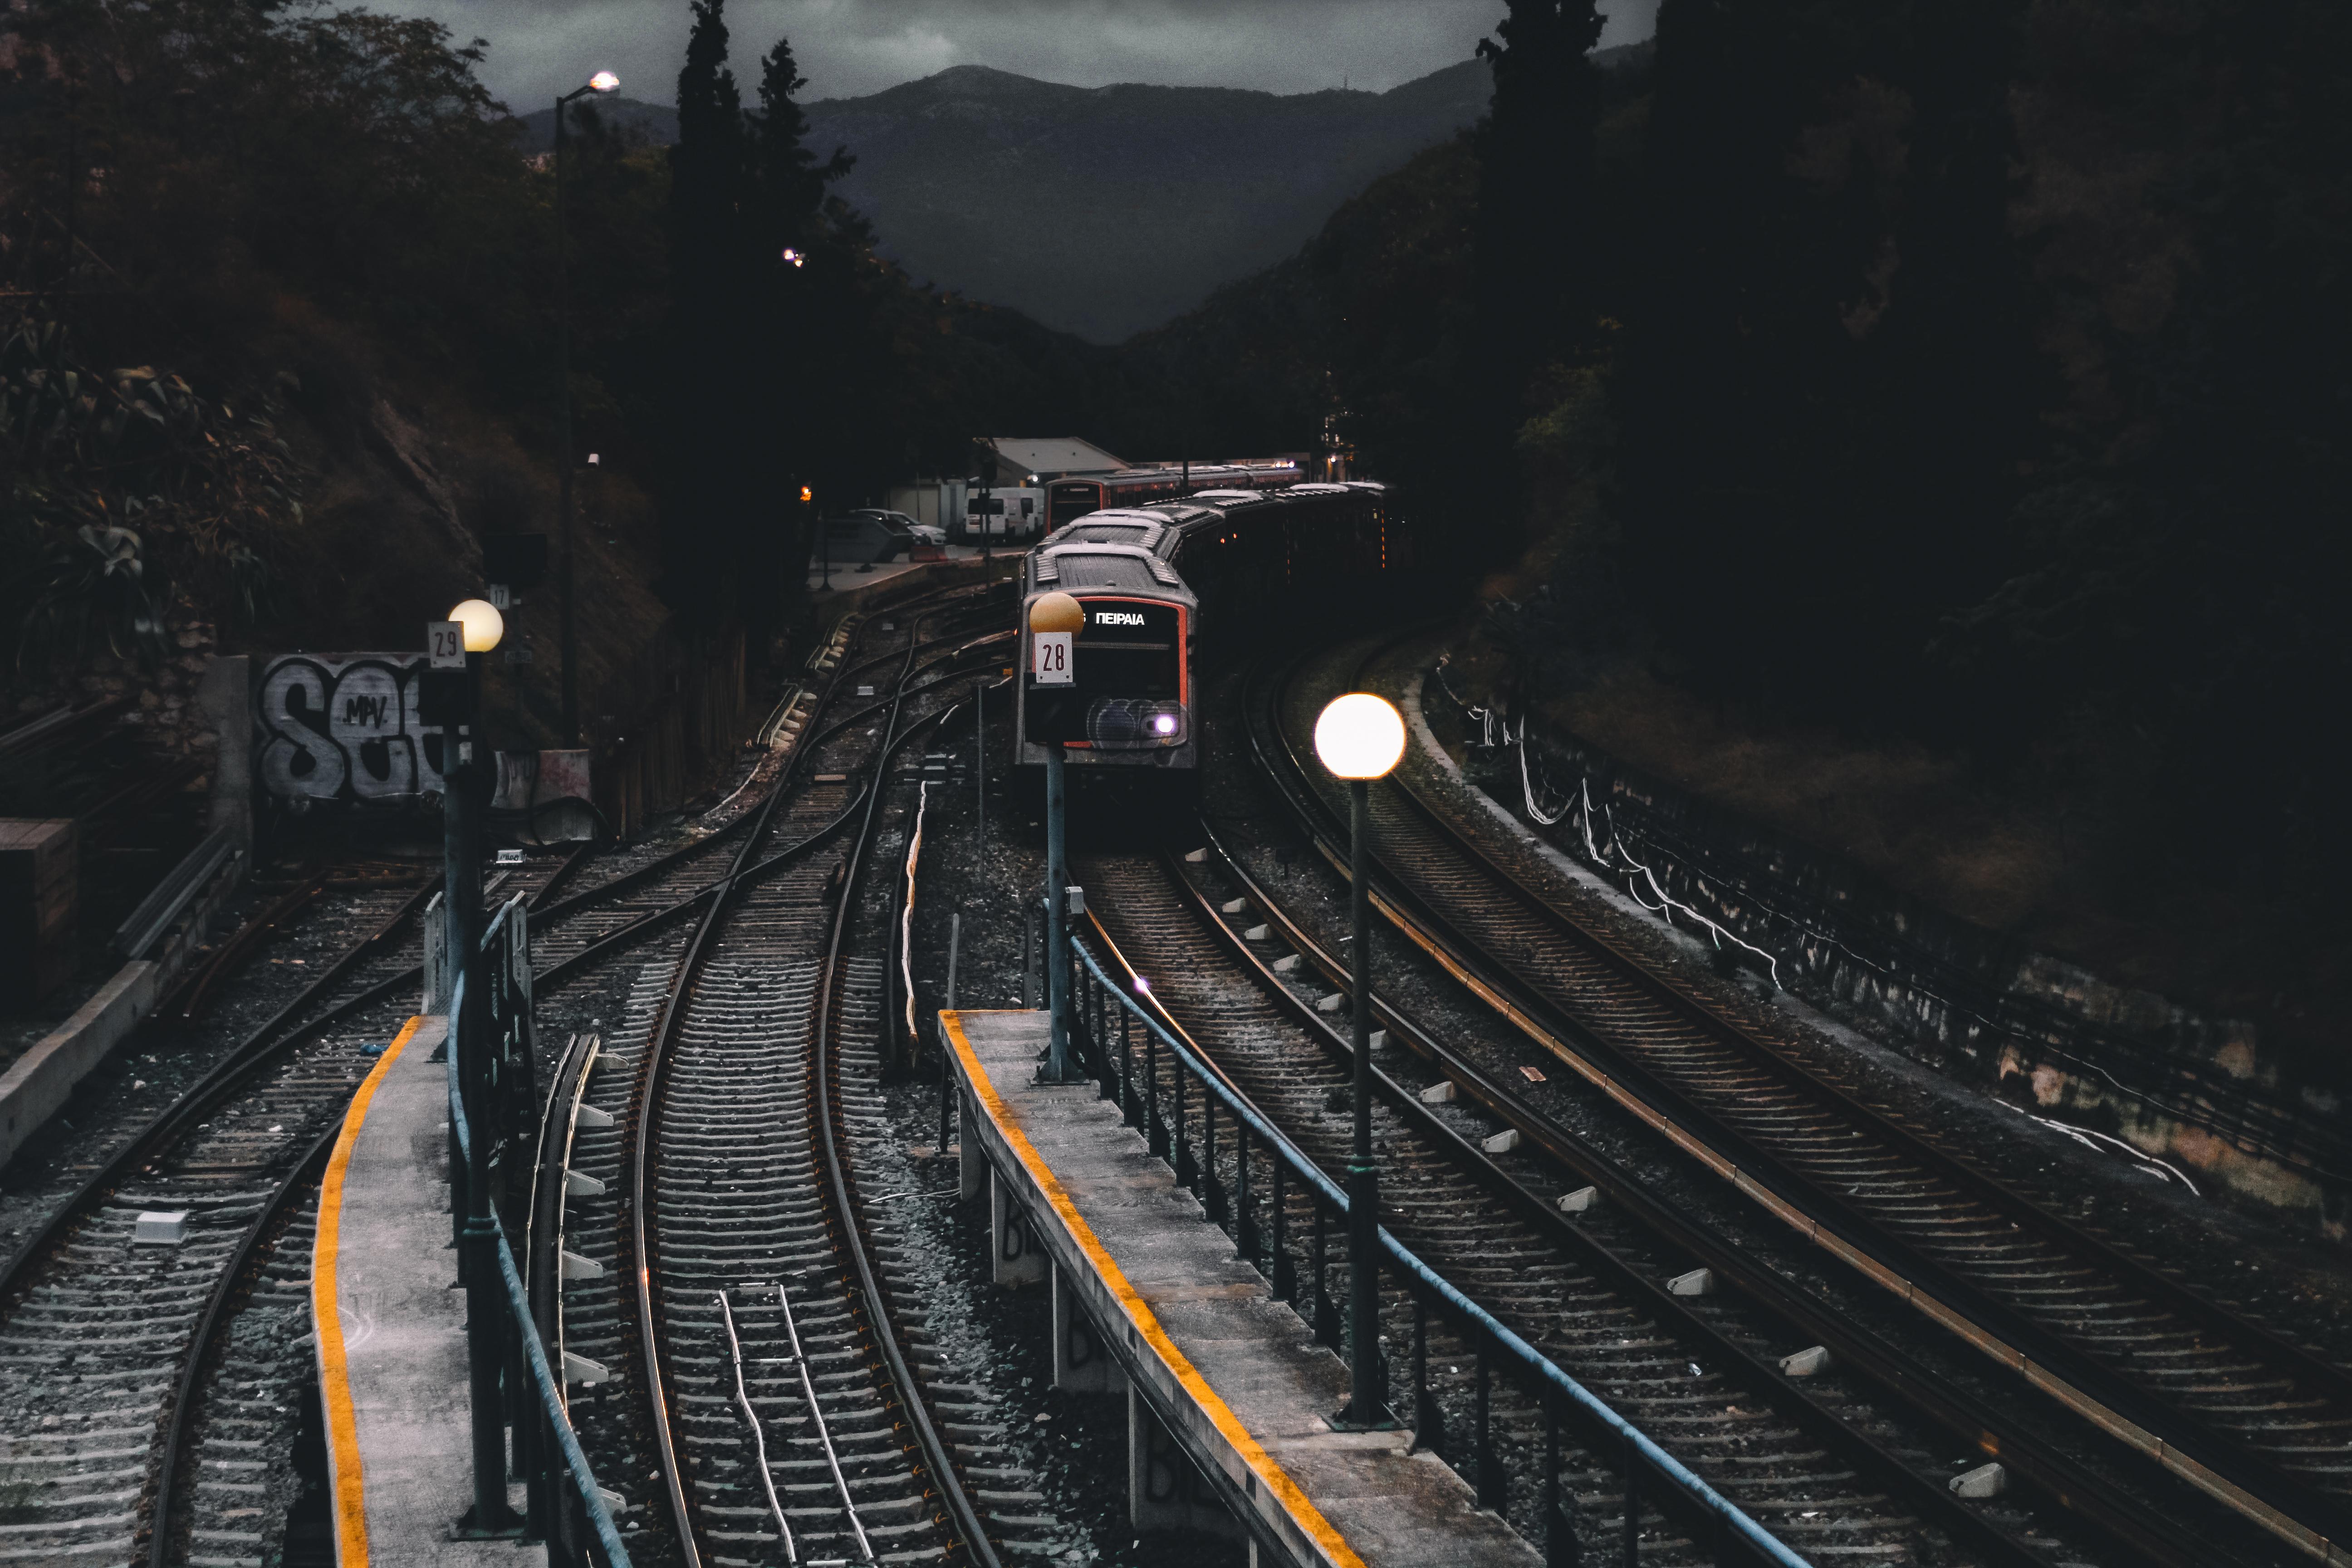 キングス・クロス駅はハリーポッターに登場!フォトスポットにショップもあり!